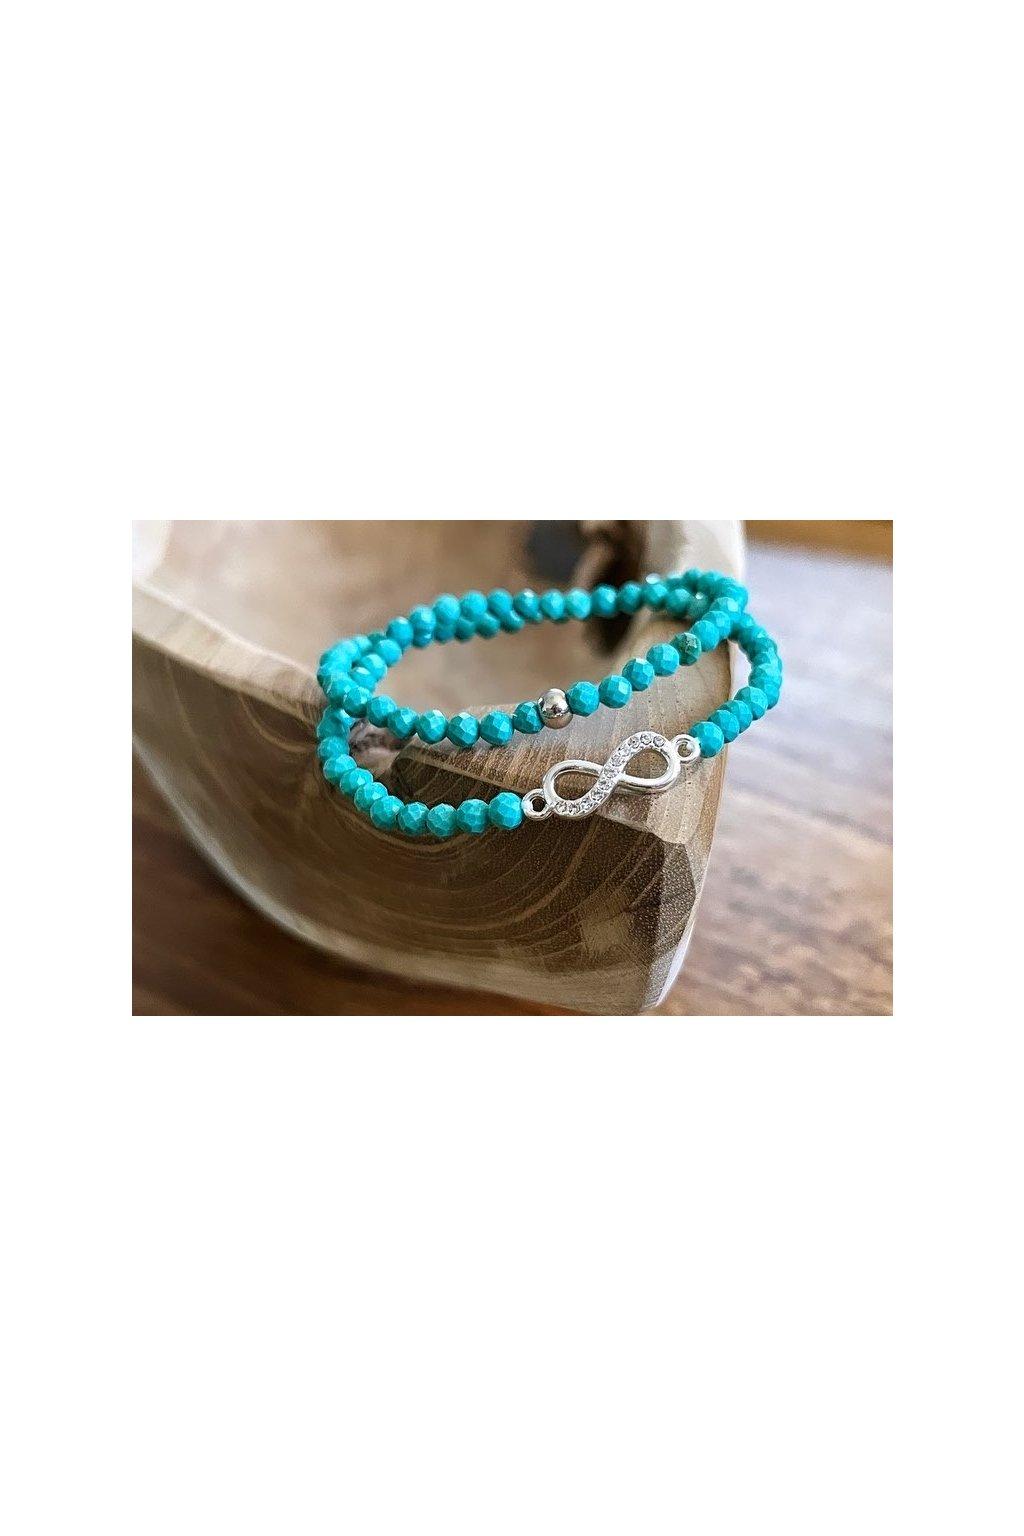 Dámský náramek z minerálů - Černá láva, Krajinový Jaspis, Malajský a Oceánový Nefrit, Hamsa